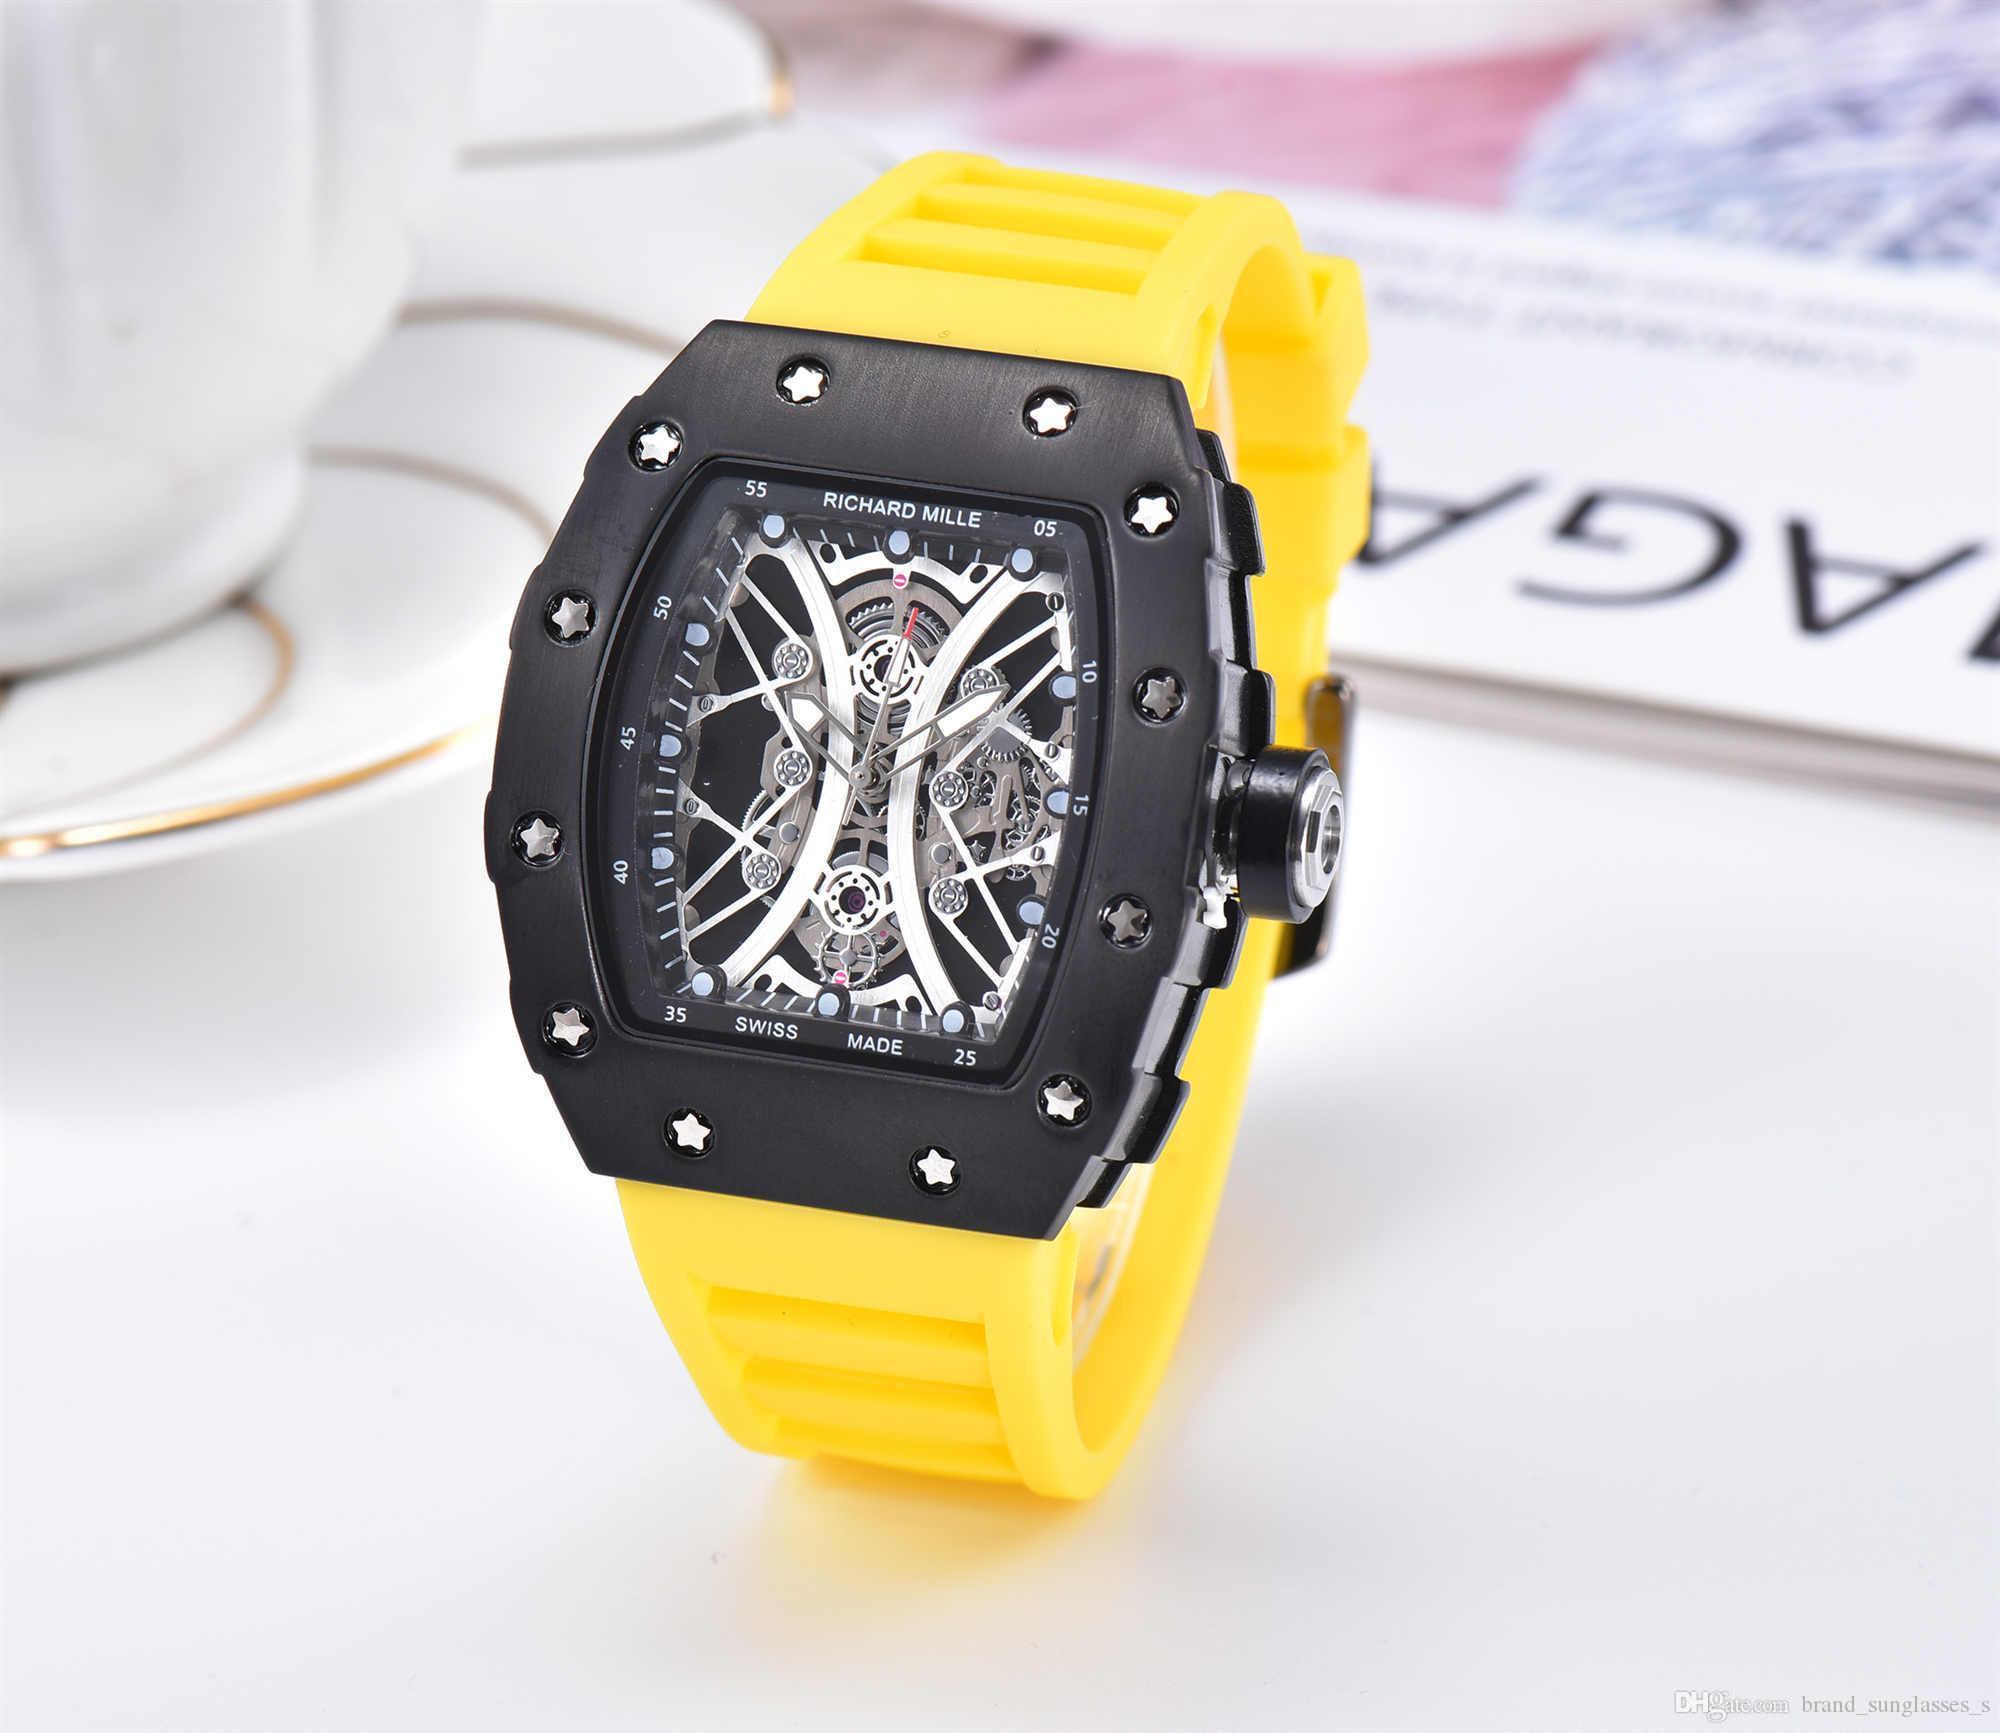 2020 venta caliente de los hombres del reloj de lujo de diseño del reloj de la correa de color Negro de silicona de moda ancho del reloj del reloj de cuarzo analógico Deporte Relogio Masculino